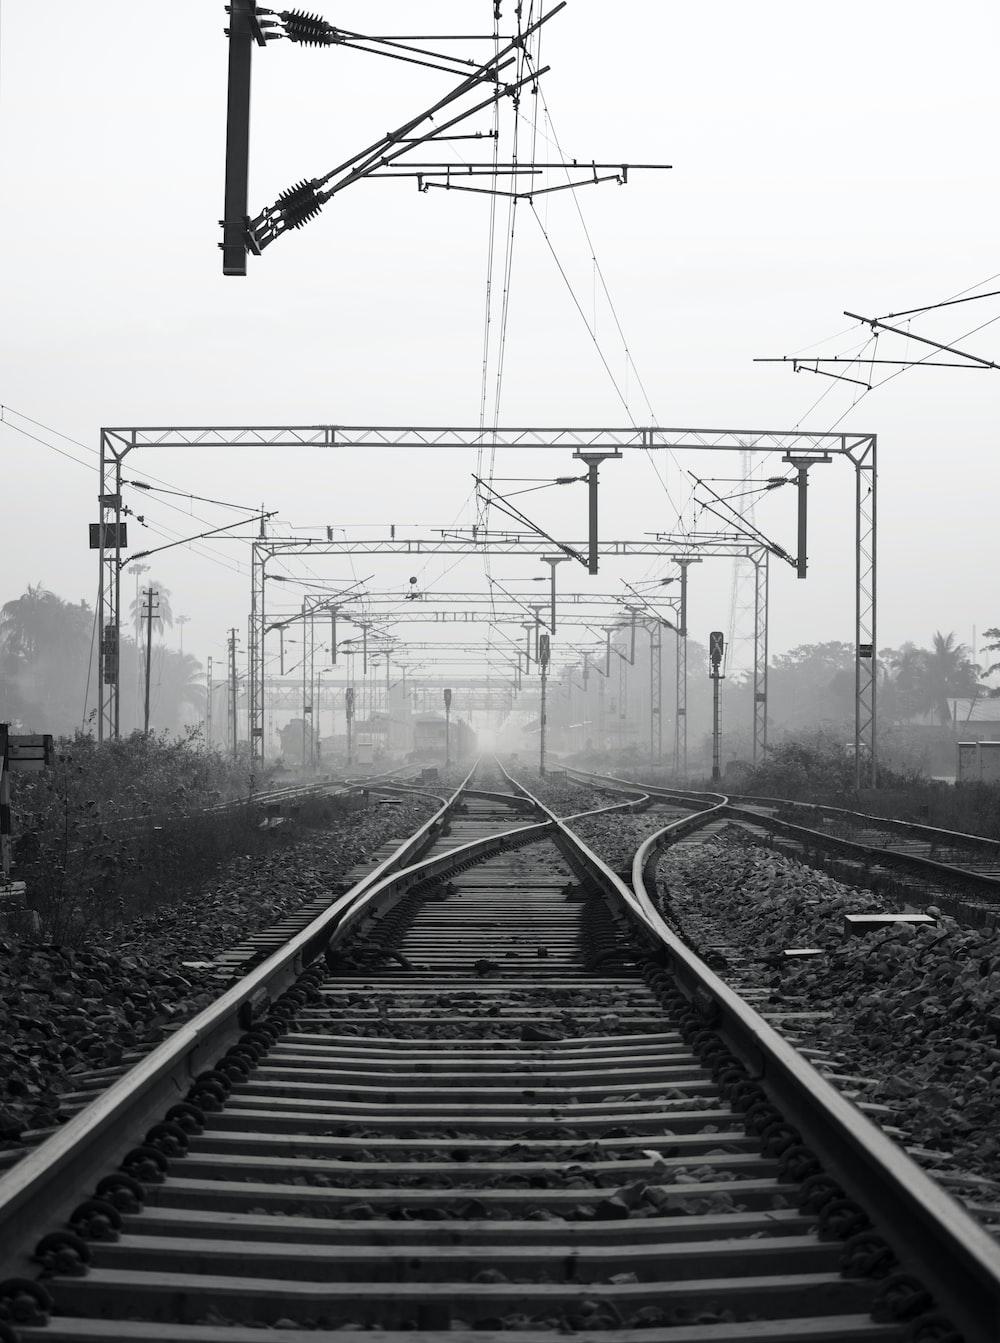 black metal train rail tracks